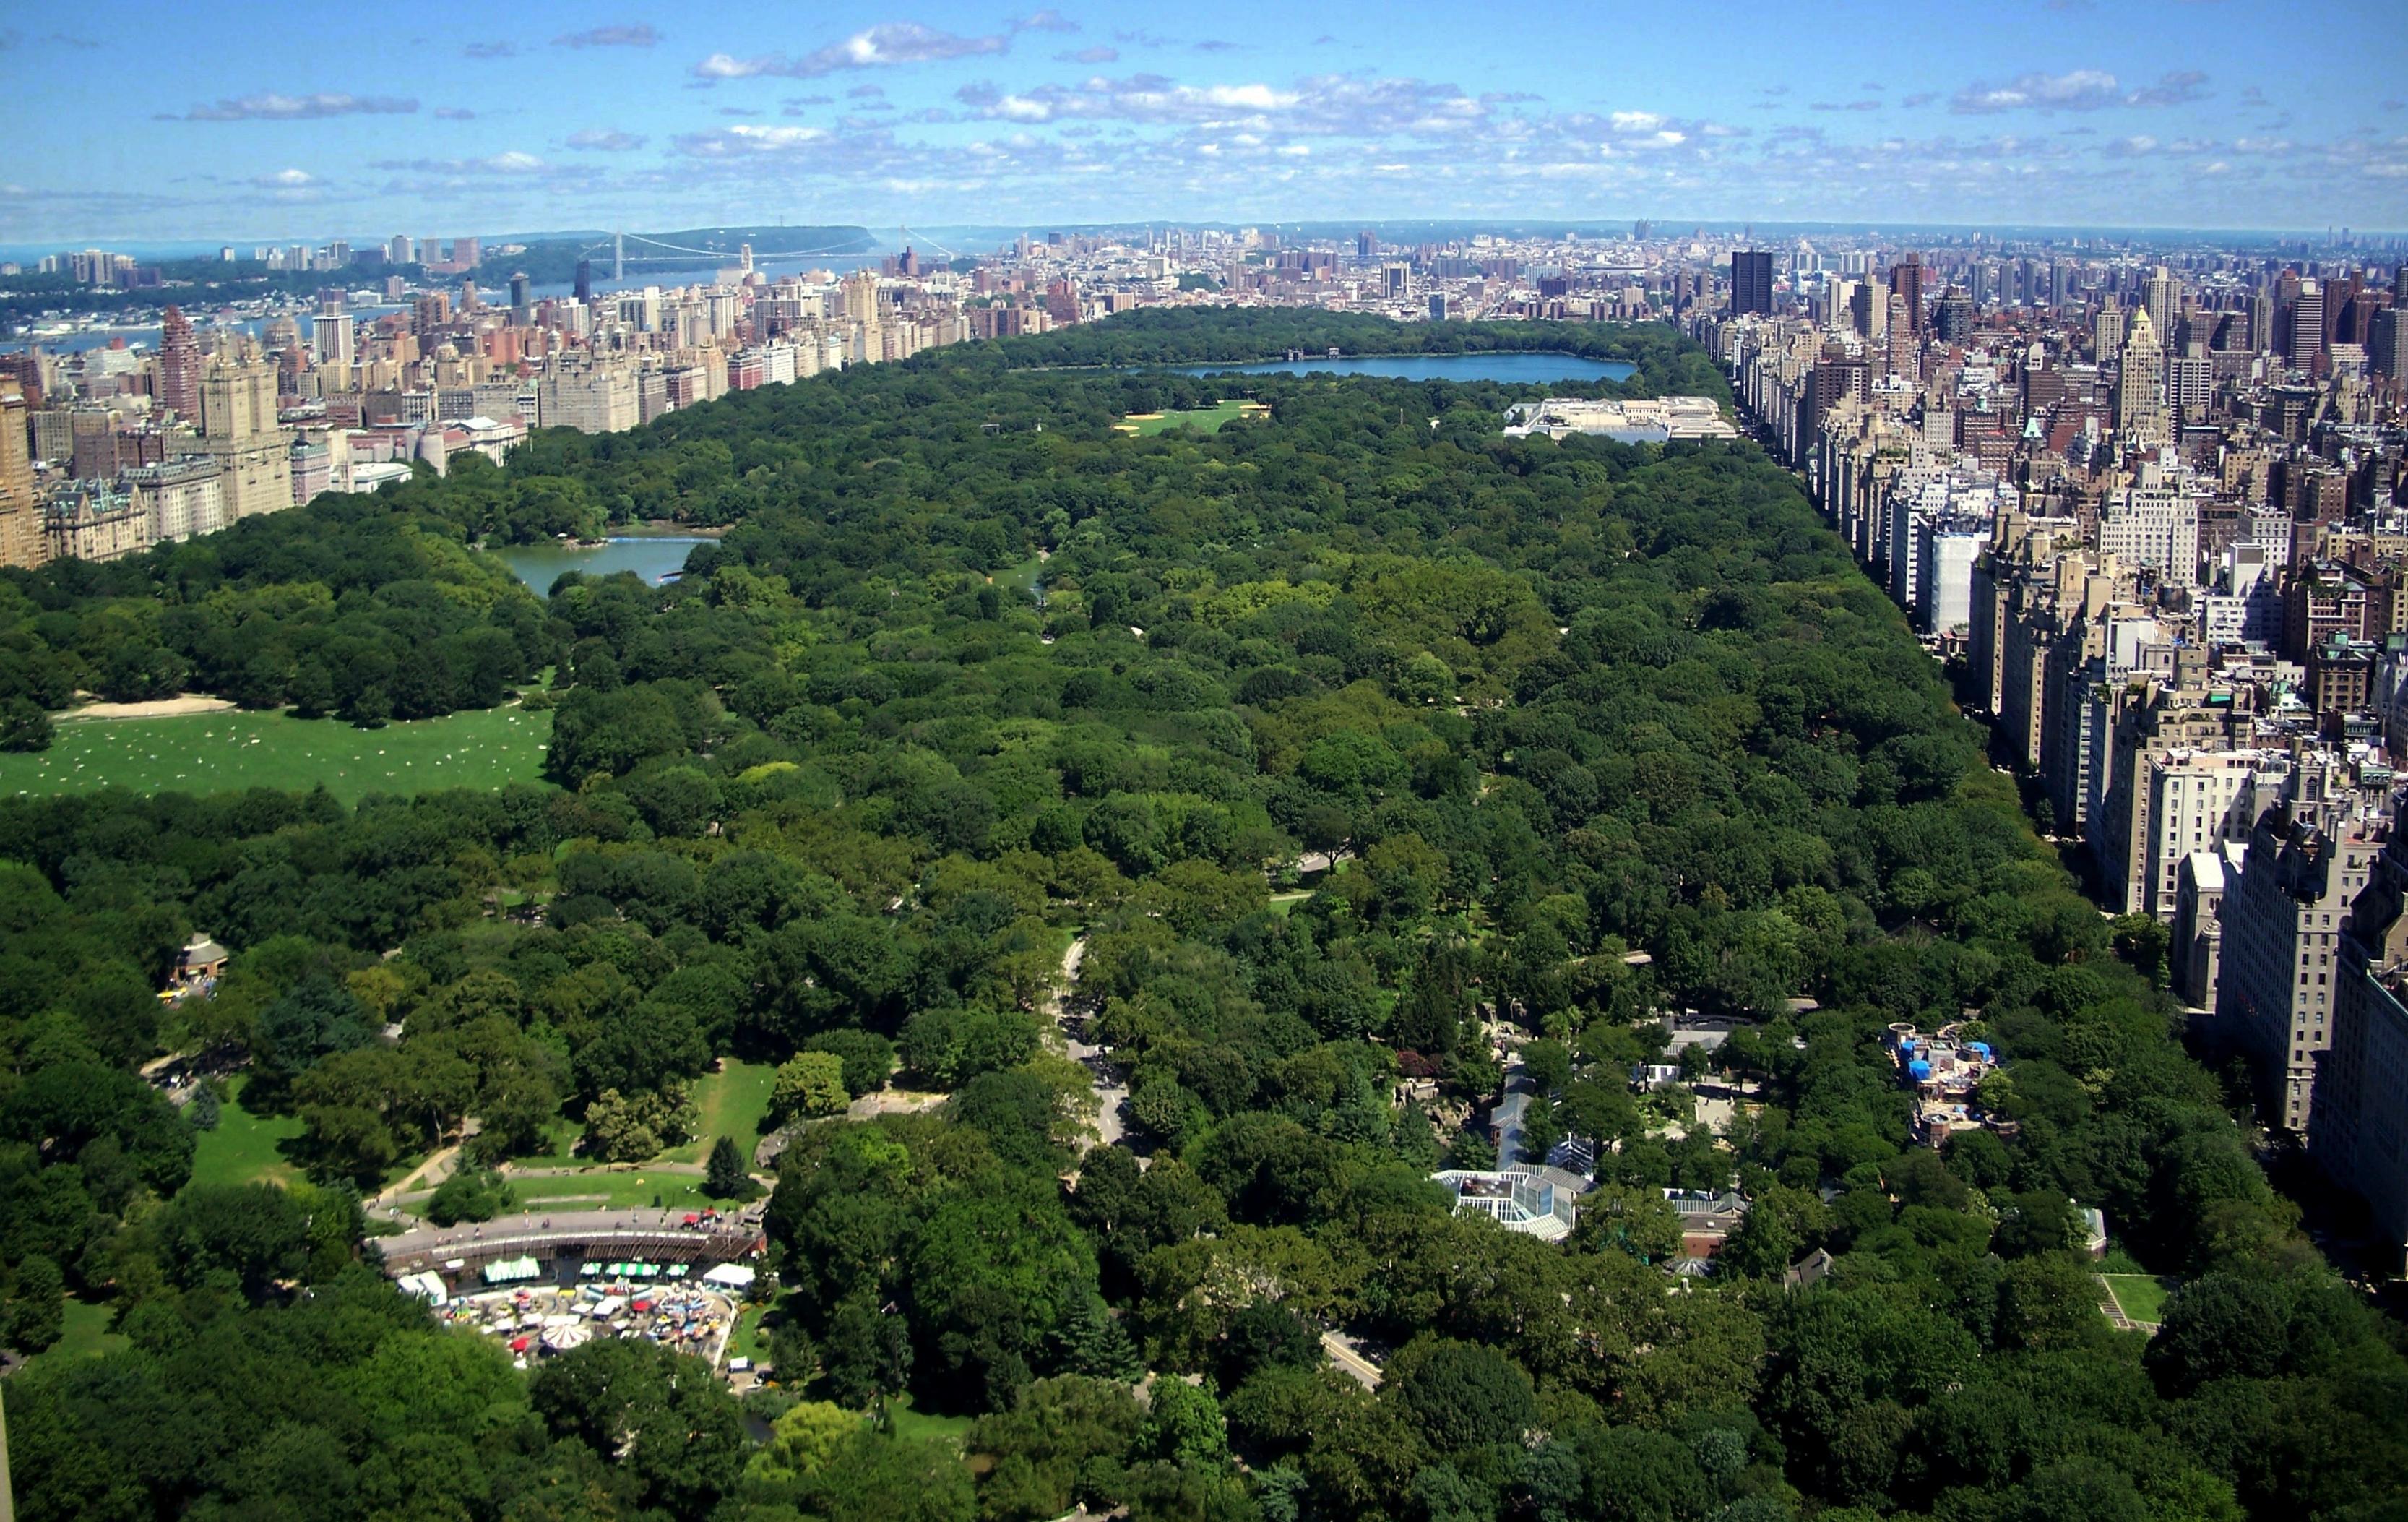 بالصور حديقة سنترال بارك نيويورك 20160712 1834